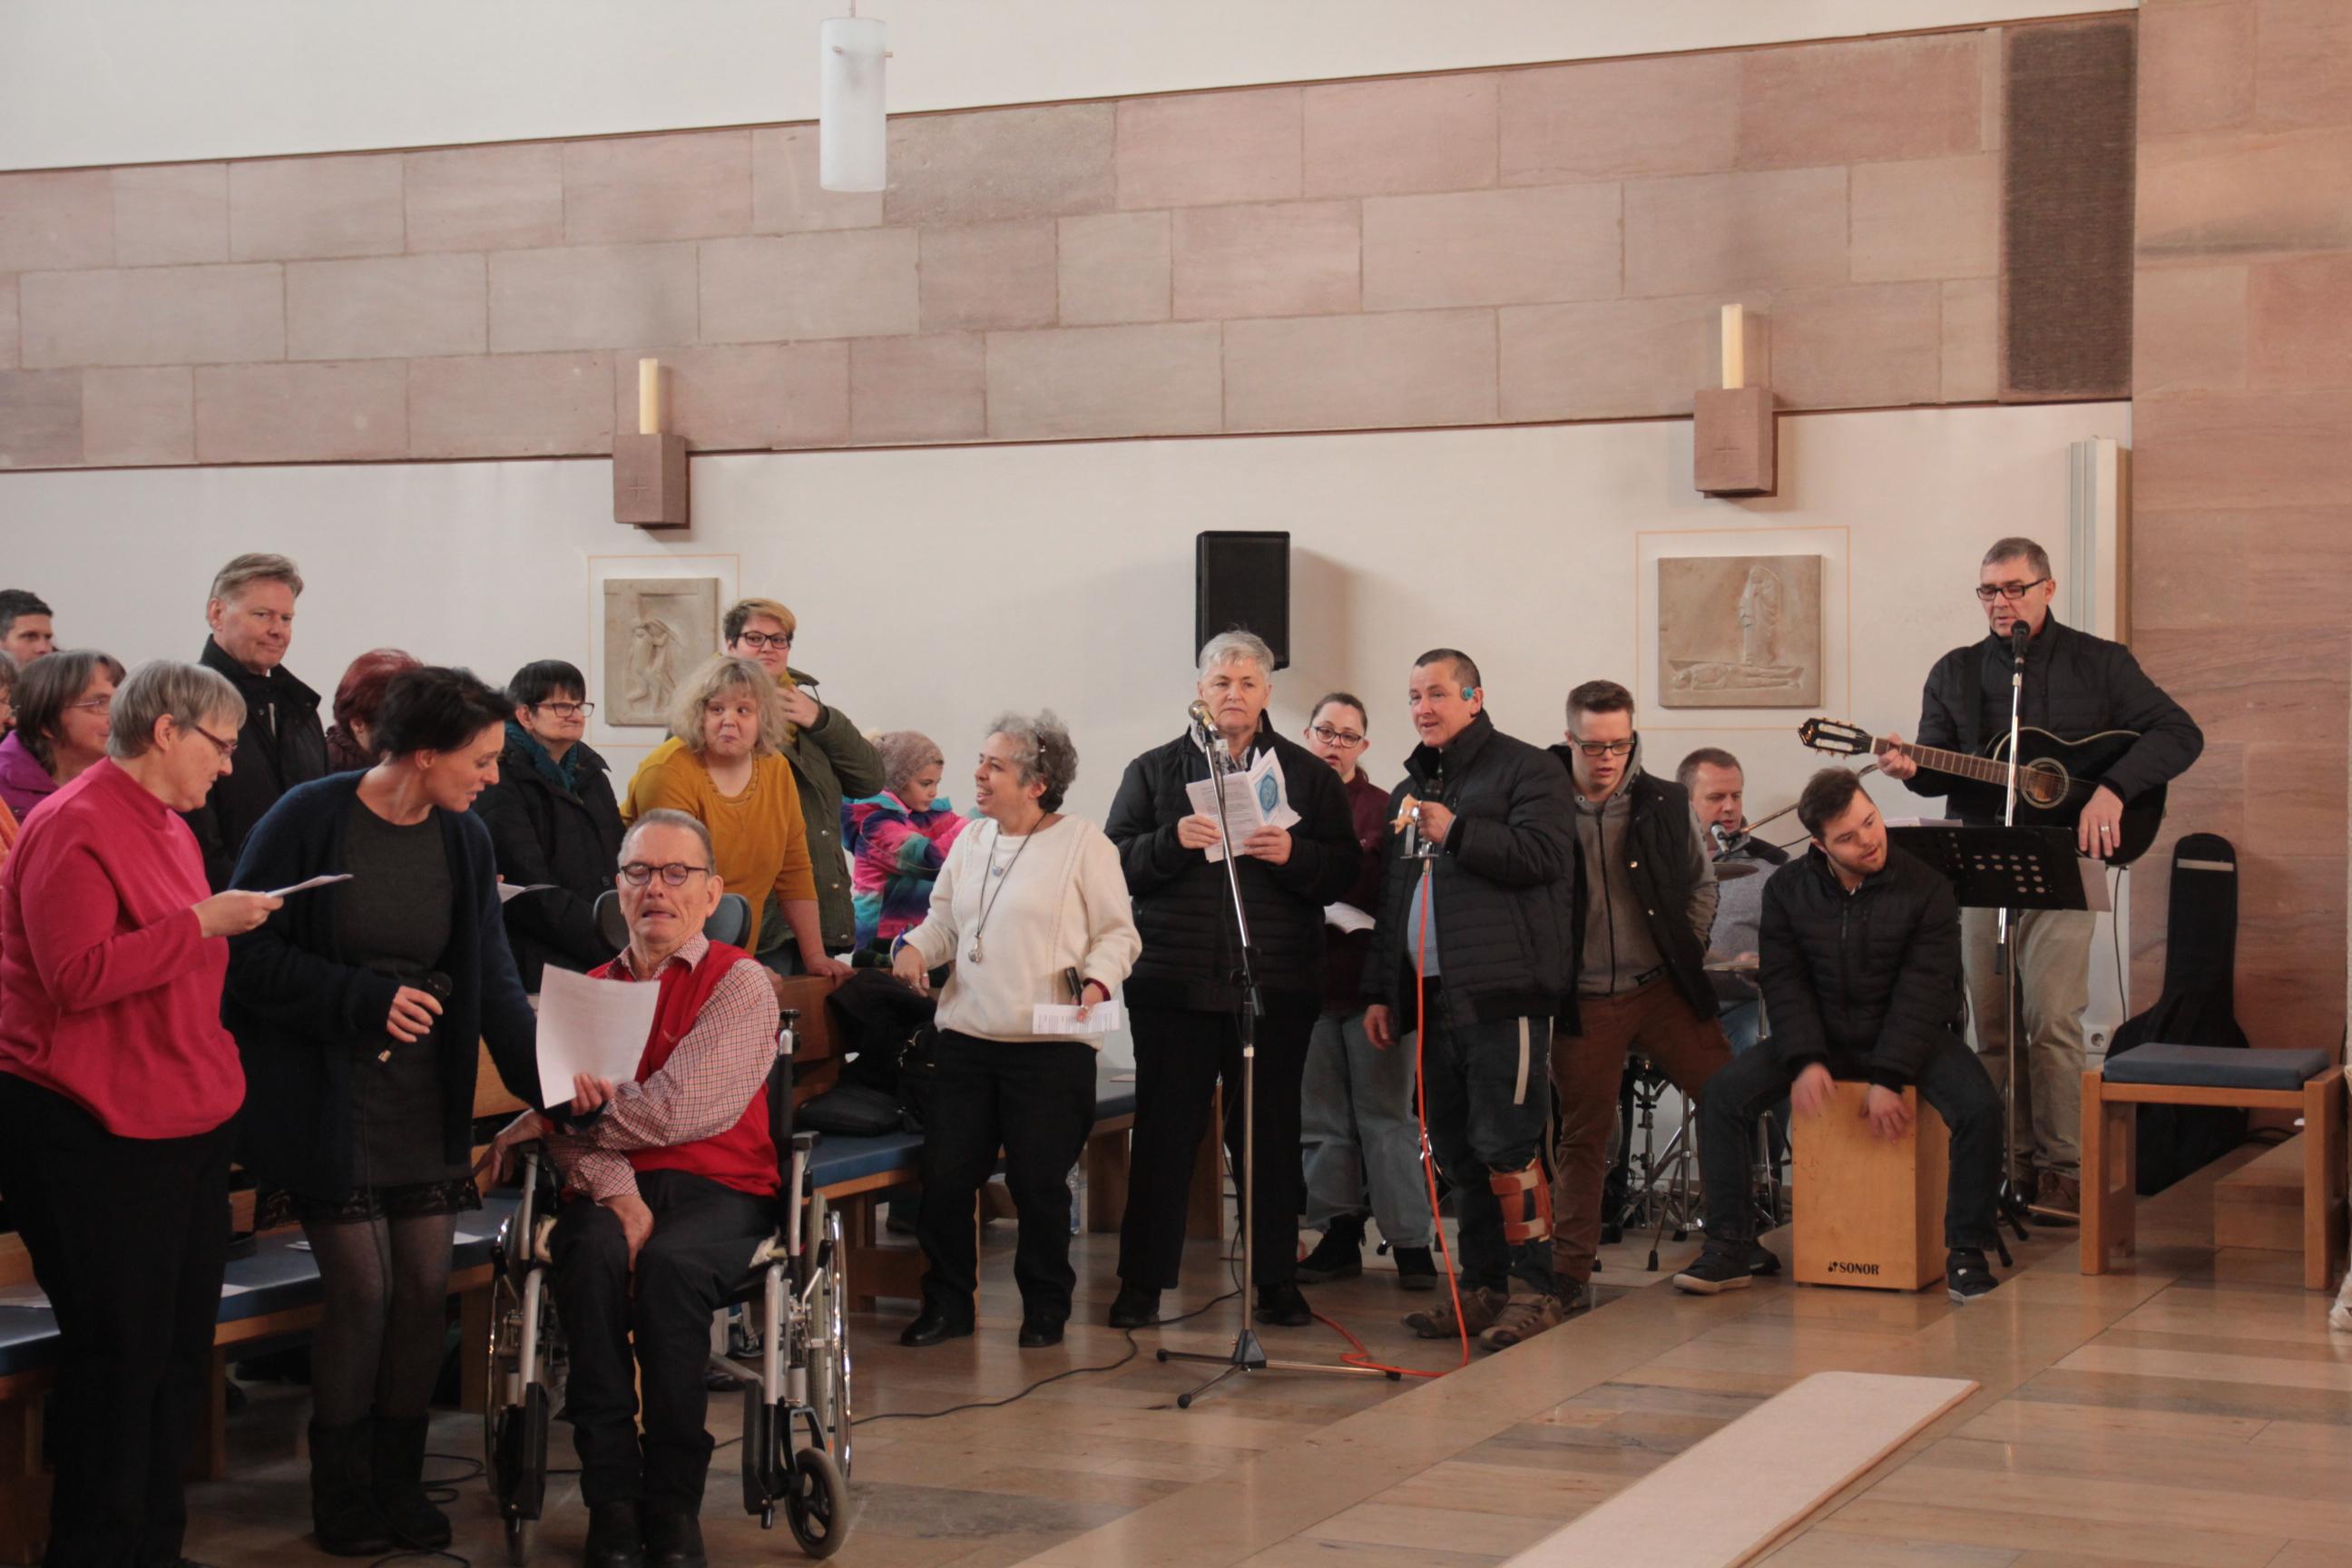 Mitttendrin-Gottesdienst St. Otto mit den Schmetterlingen. Foto: St. Otto, Lauf.